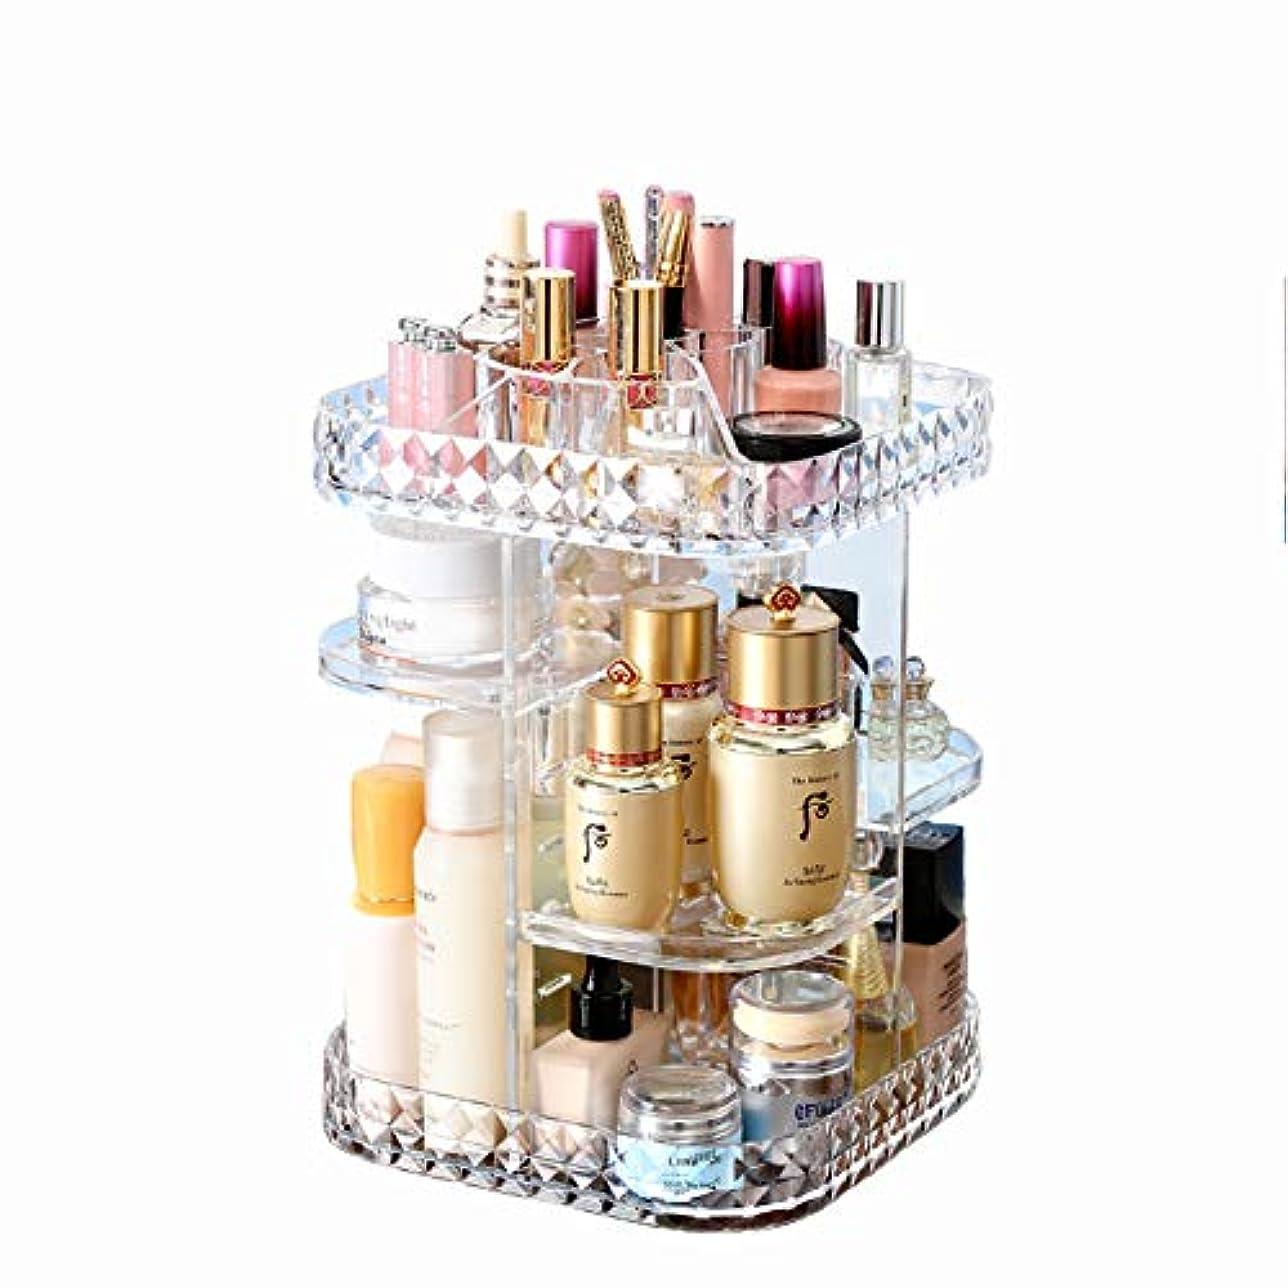 失業者要件良心的化粧品収納ボックス 360℃回転式 高さ調節可能 高品質 超大容量メイクタワー 透明アクリル製 ダイヤモンドパターン